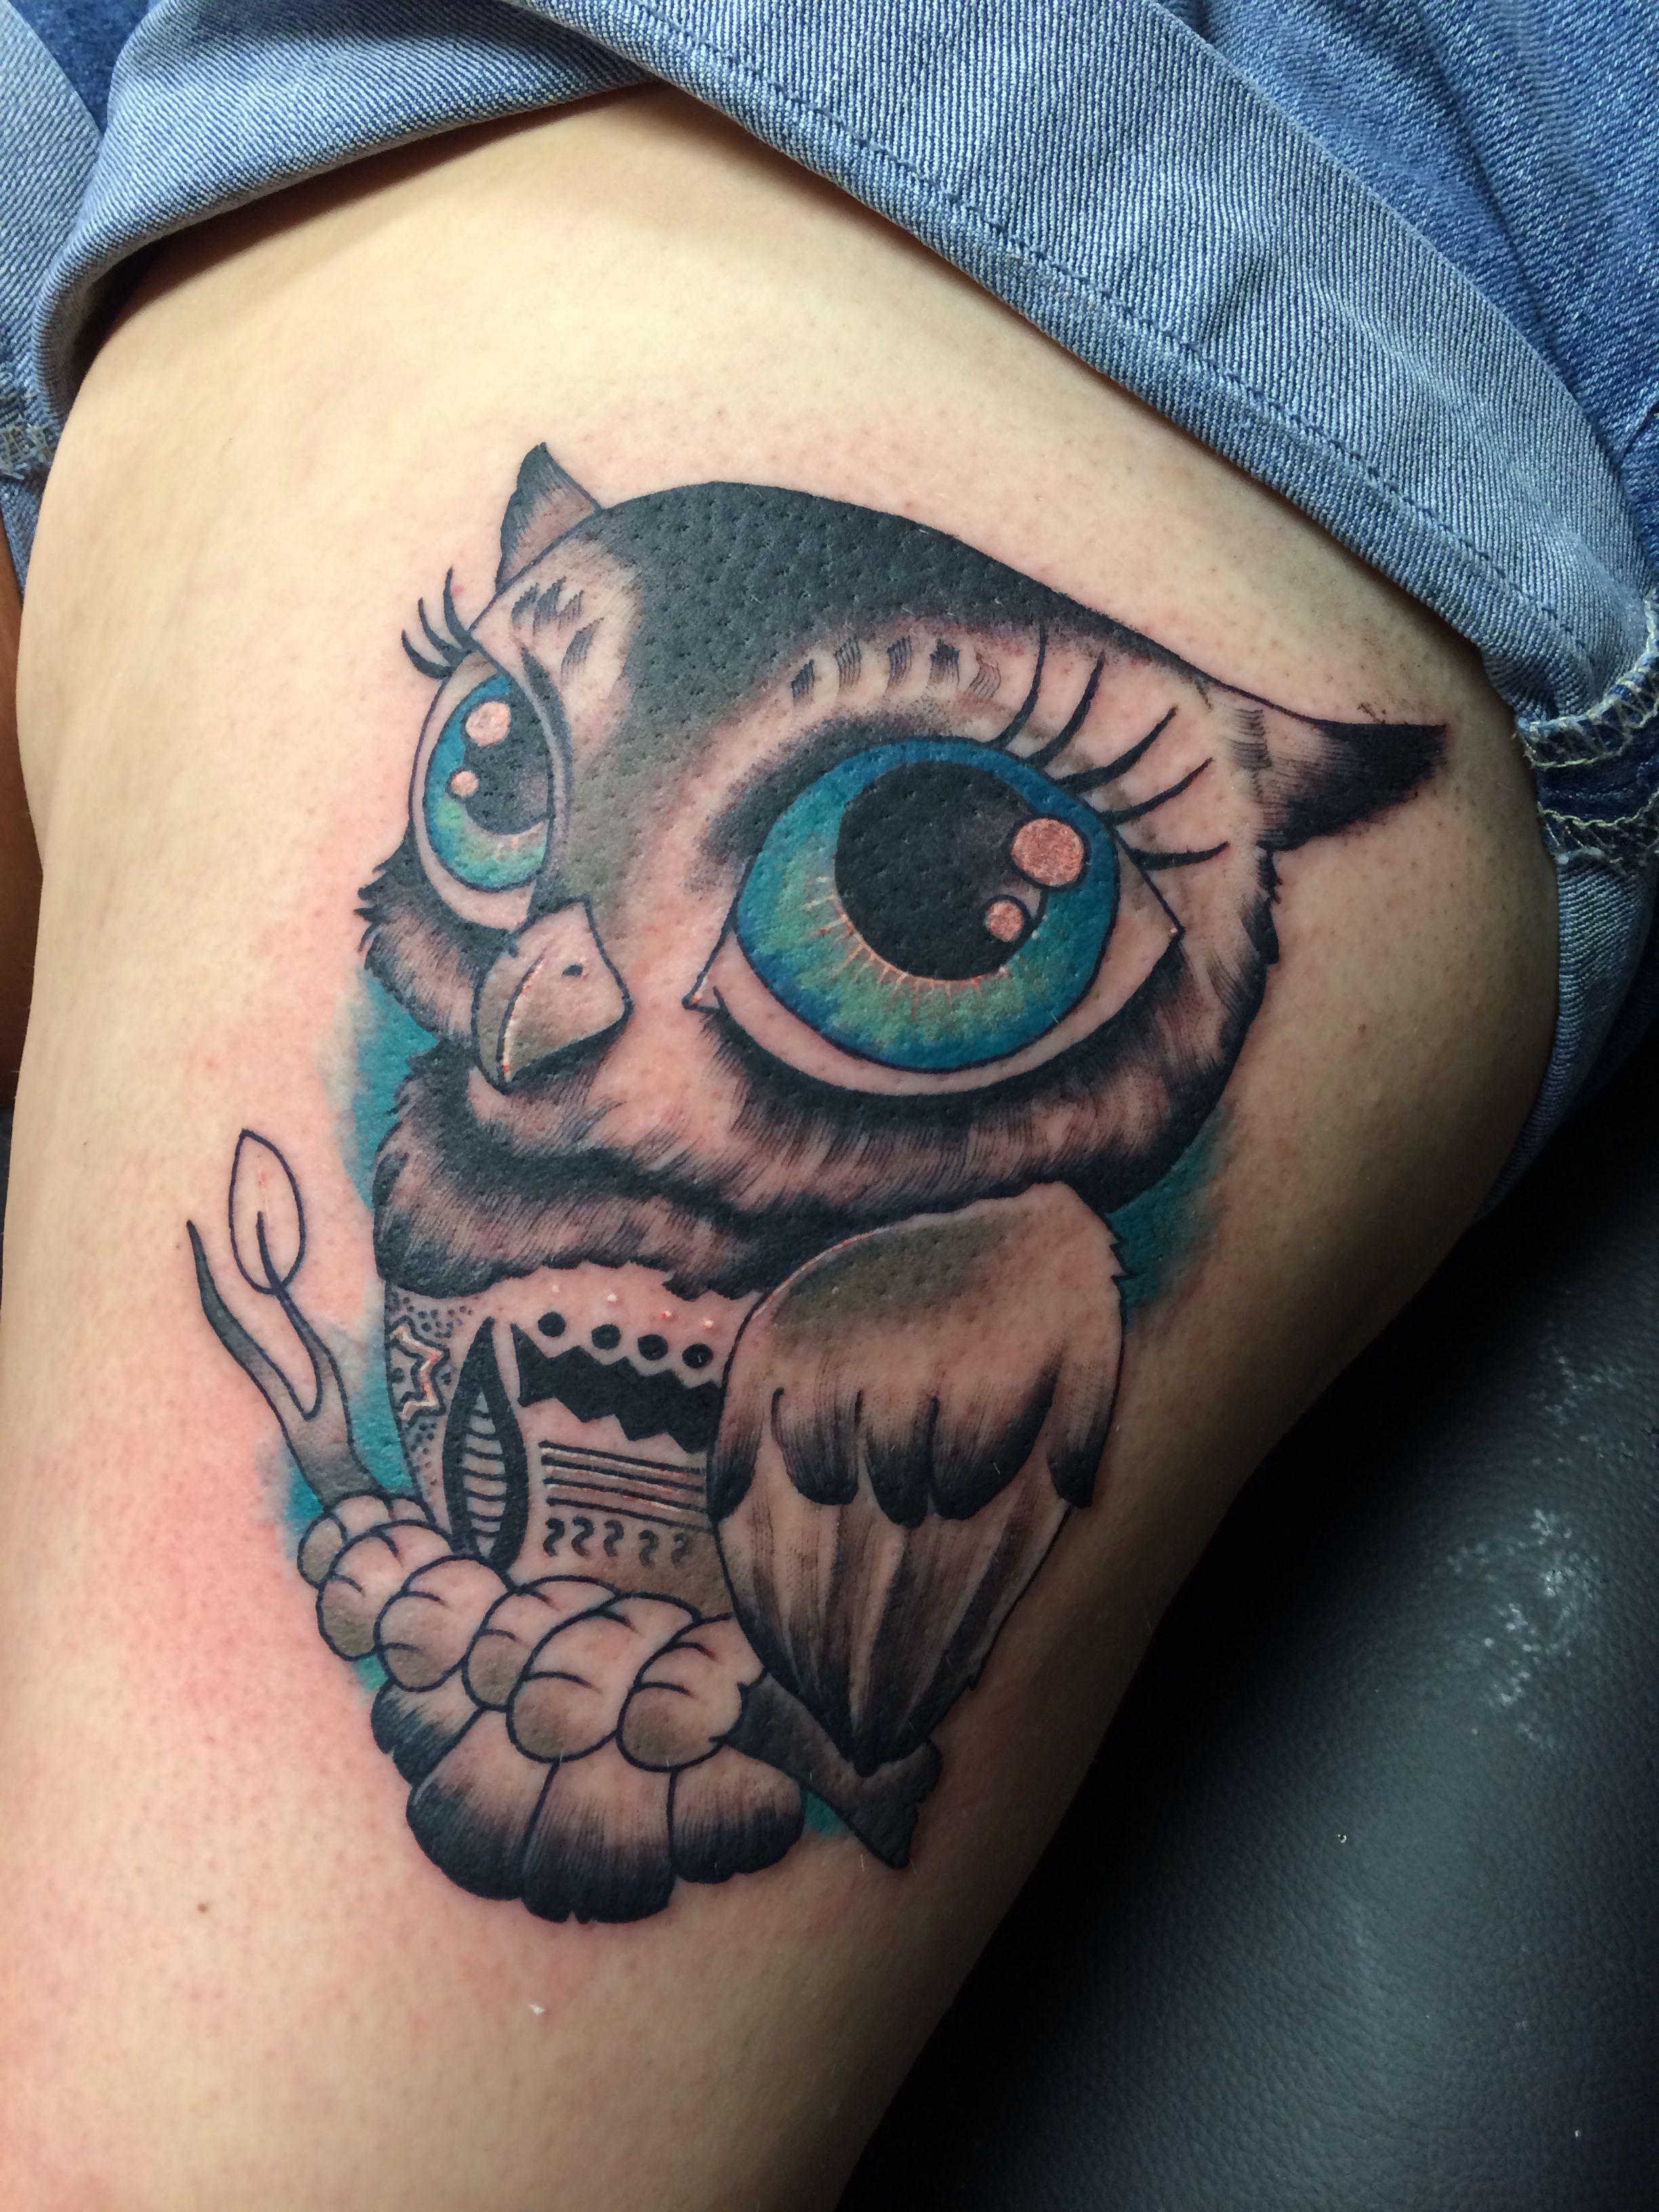 Owl Tattoo Big Blue Eyes Owl Tattoo Eye Tattoo Tattoos